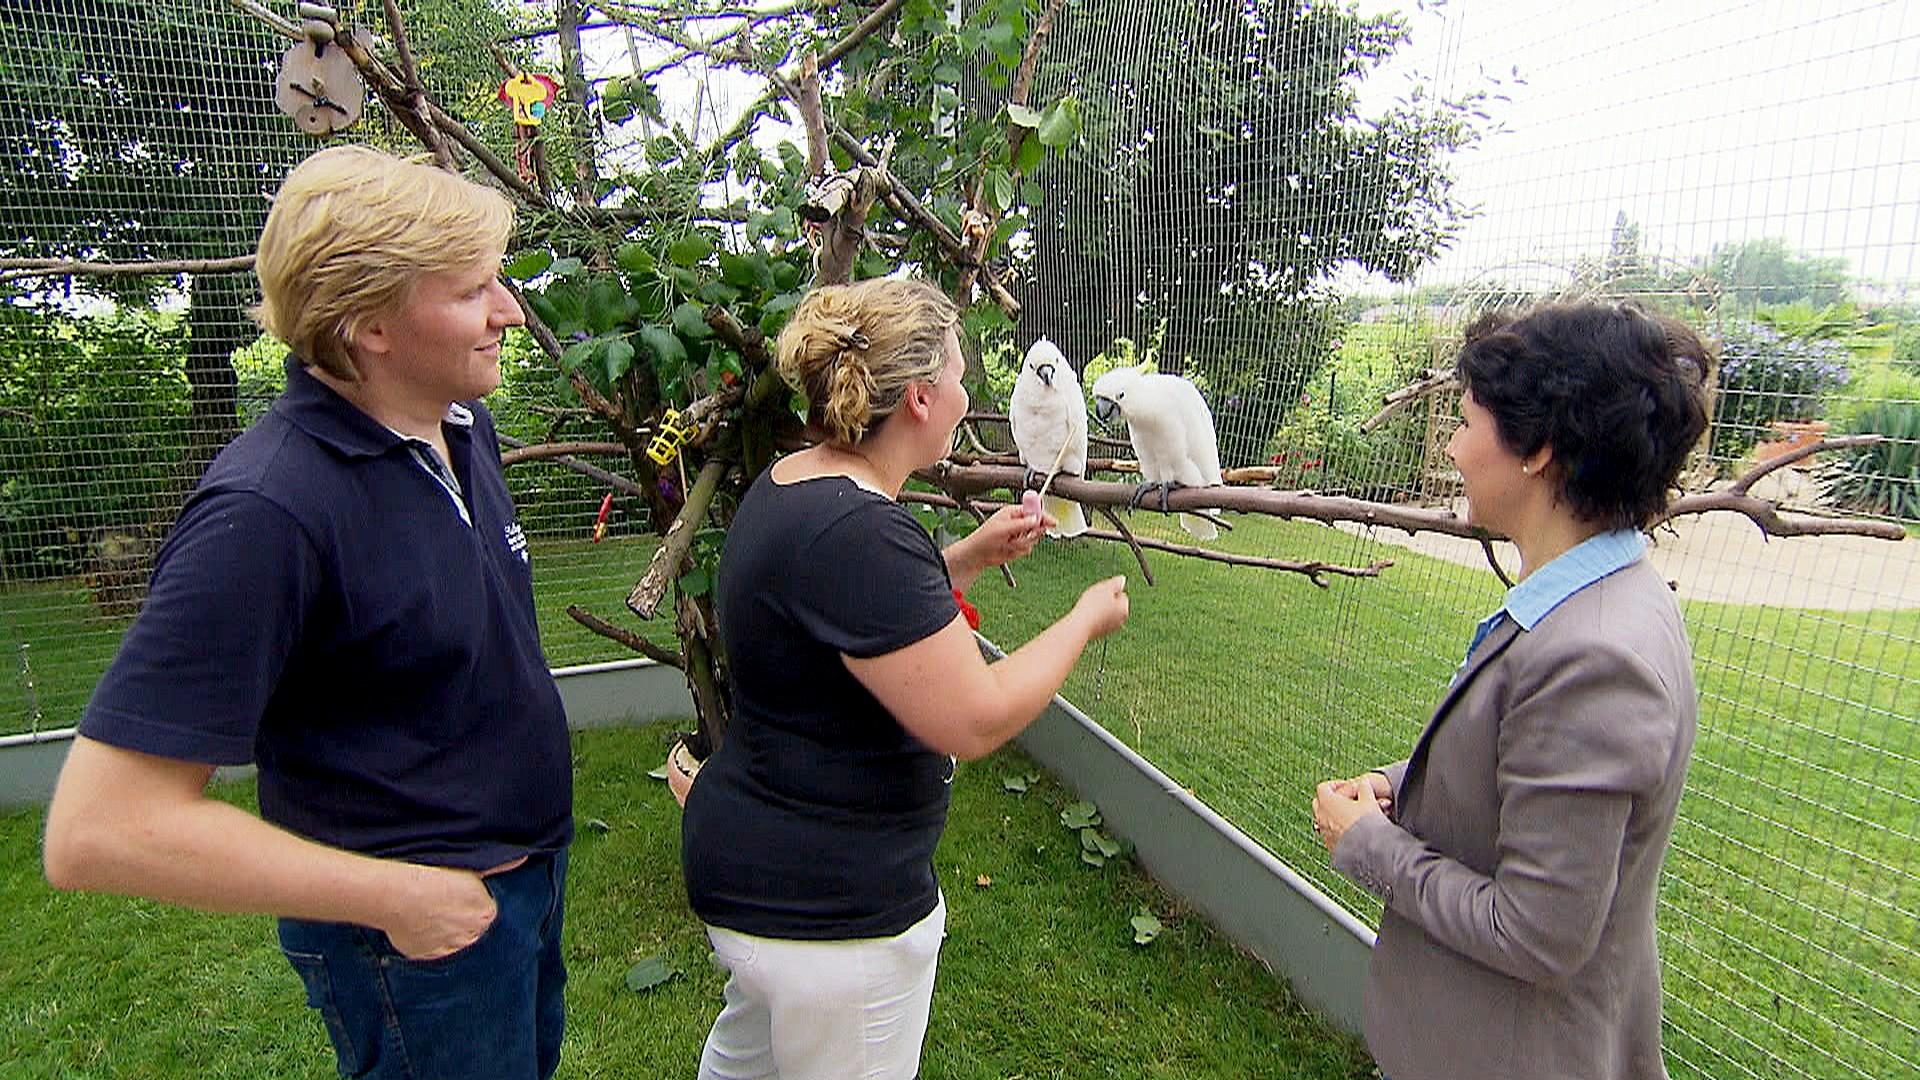 3 Engel für Tiere: Sittichexpertin Ann Castro